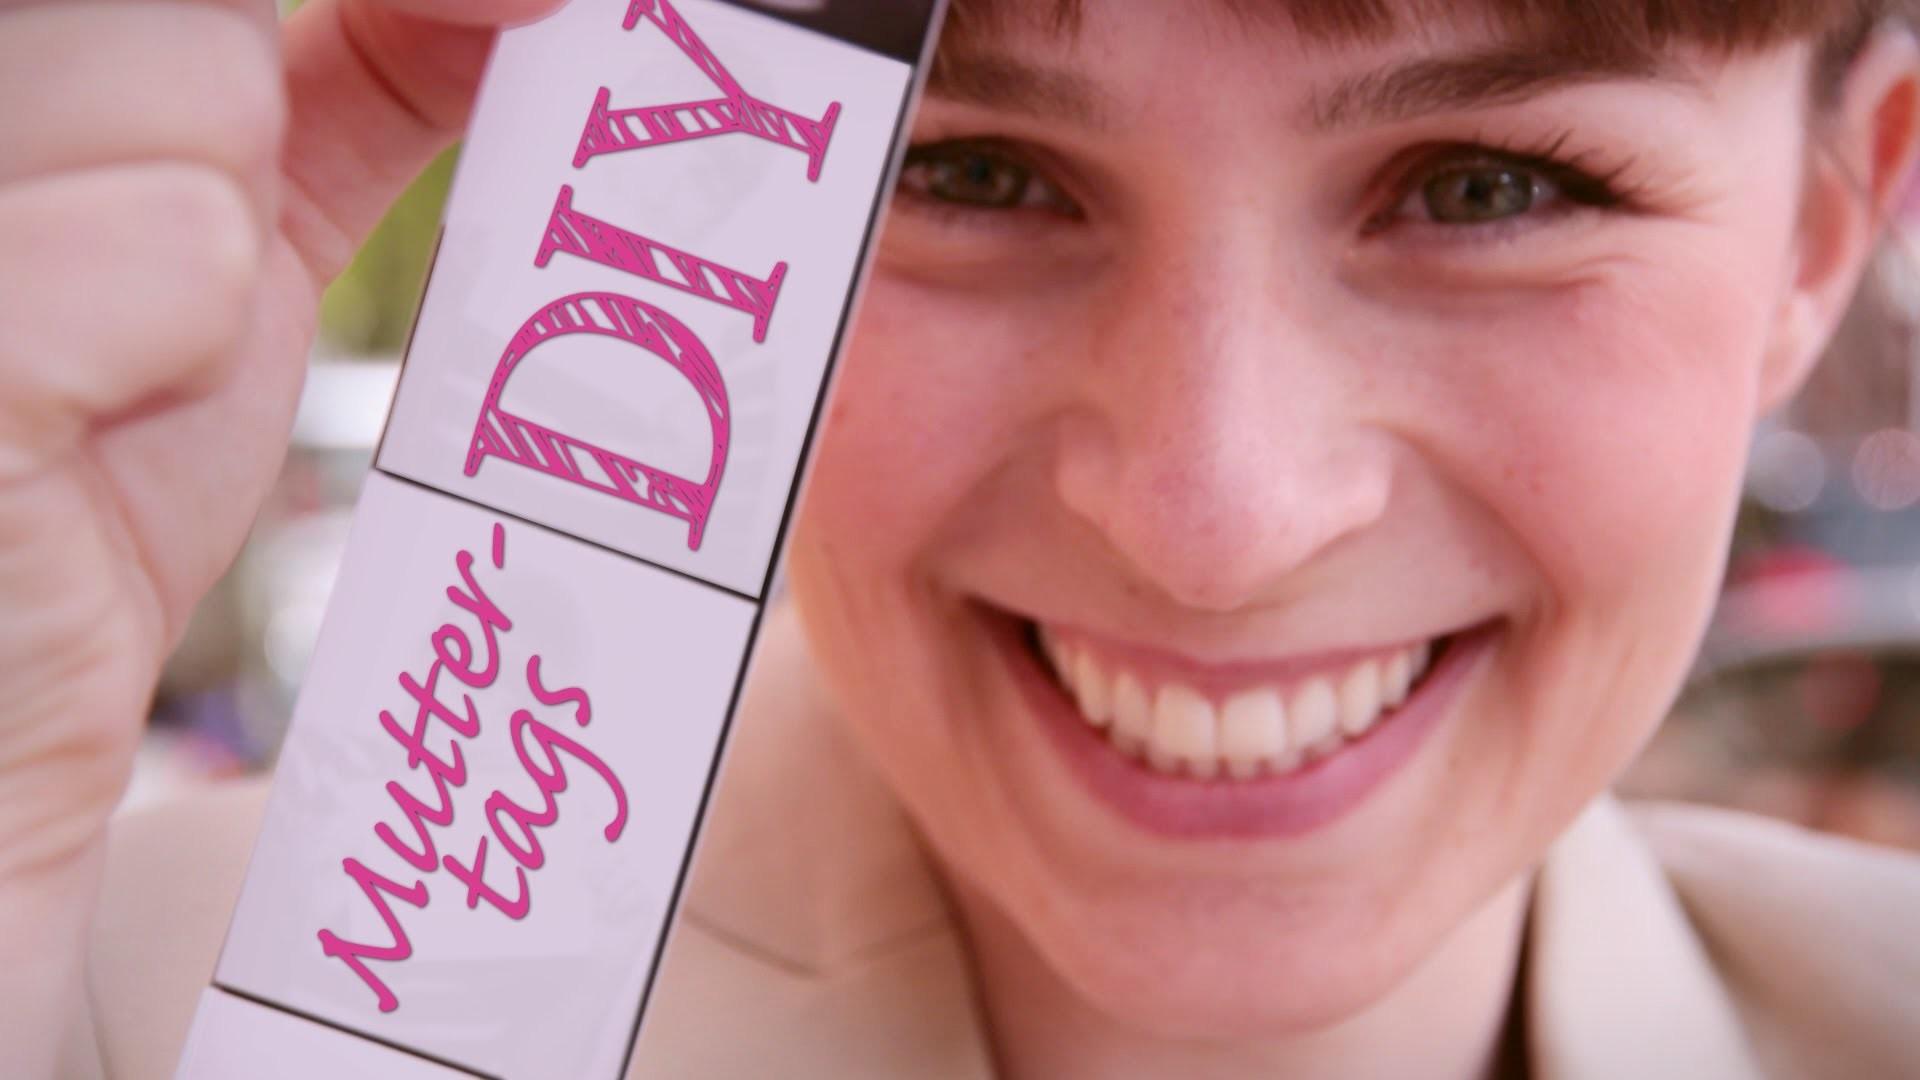 DIY zum Muttertag für unterwegs - last minute - Bilder sagen mehr als 1000 Worte